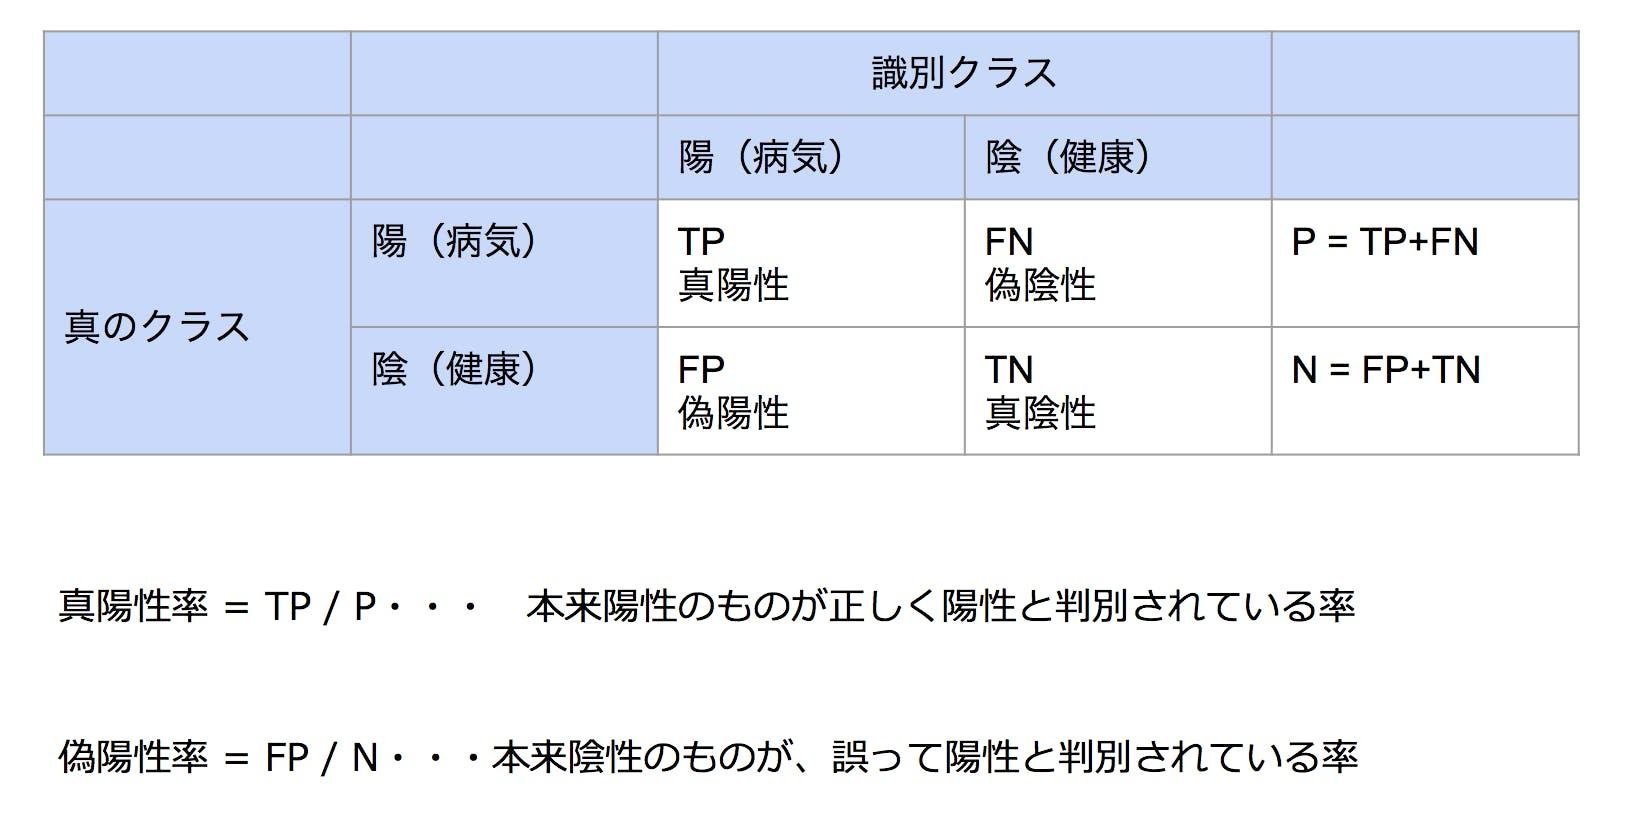 スクリーンショット 2017-08-23 16.32.02.png